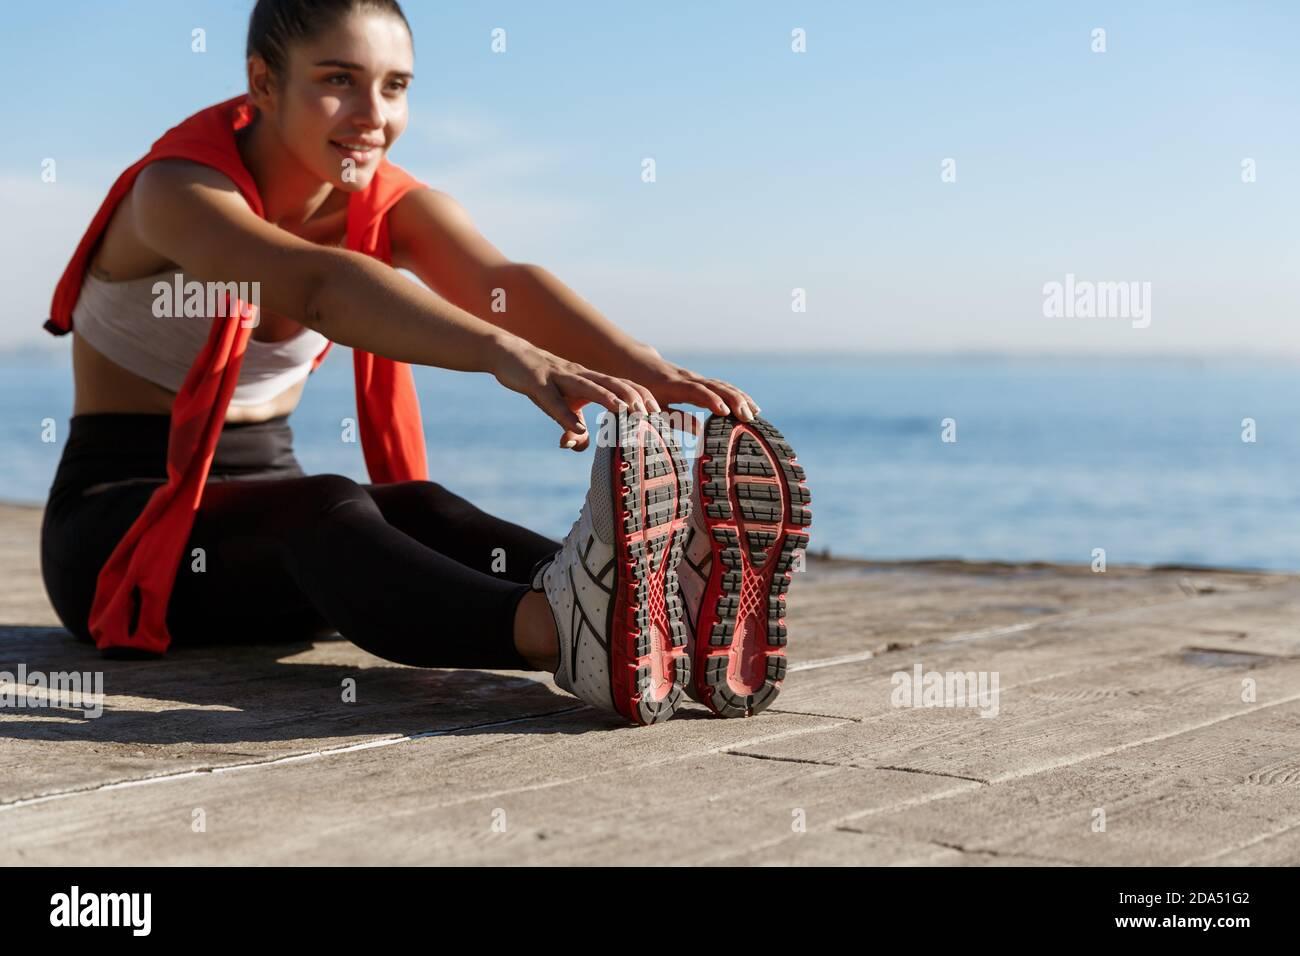 Tiro al aire libre de sonriente entrenamiento deportivo seguro cerca del mar. Mujer de fitness sentada en el muelle de madera y estirando las piernas Foto de stock